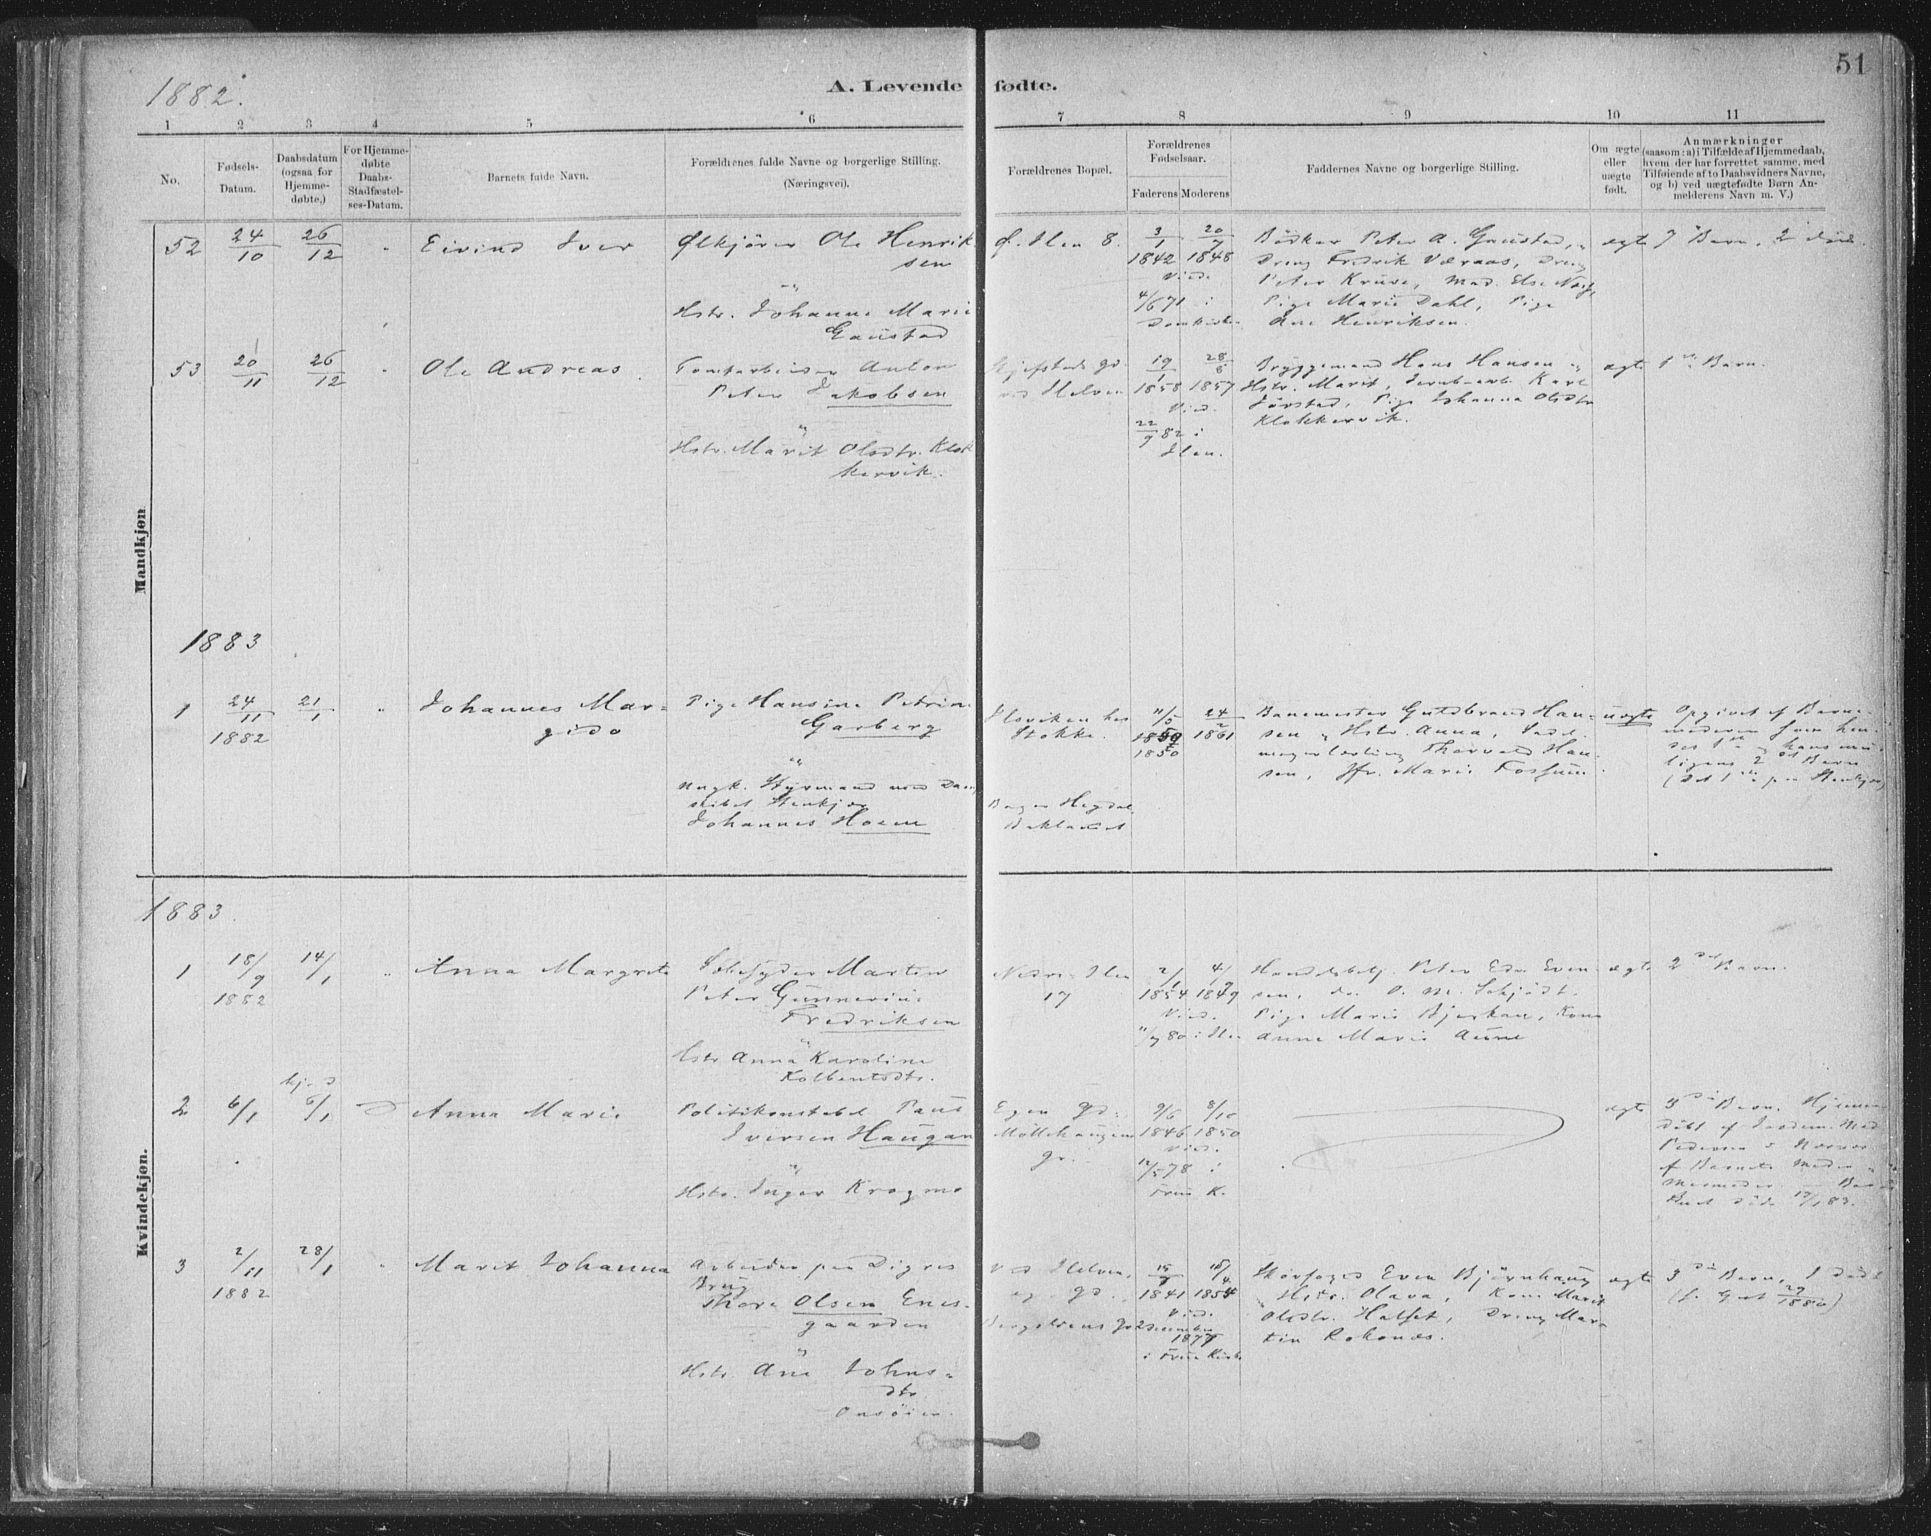 SAT, Ministerialprotokoller, klokkerbøker og fødselsregistre - Sør-Trøndelag, 603/L0162: Ministerialbok nr. 603A01, 1879-1895, s. 51